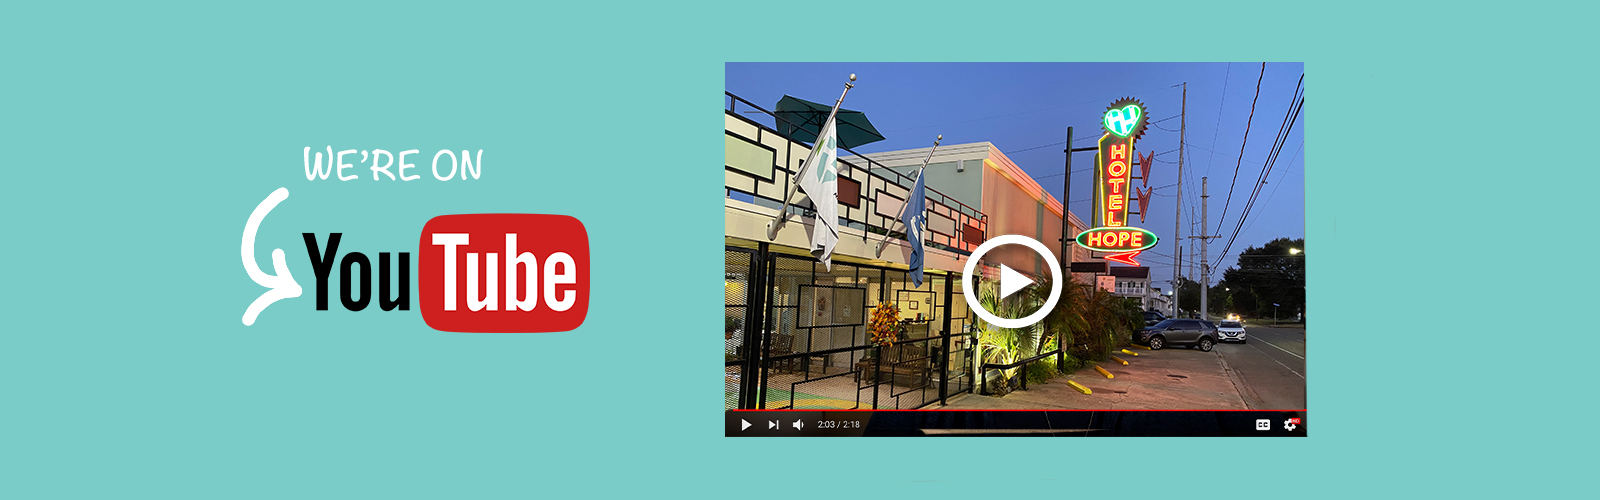 were-on-youtube-header-3